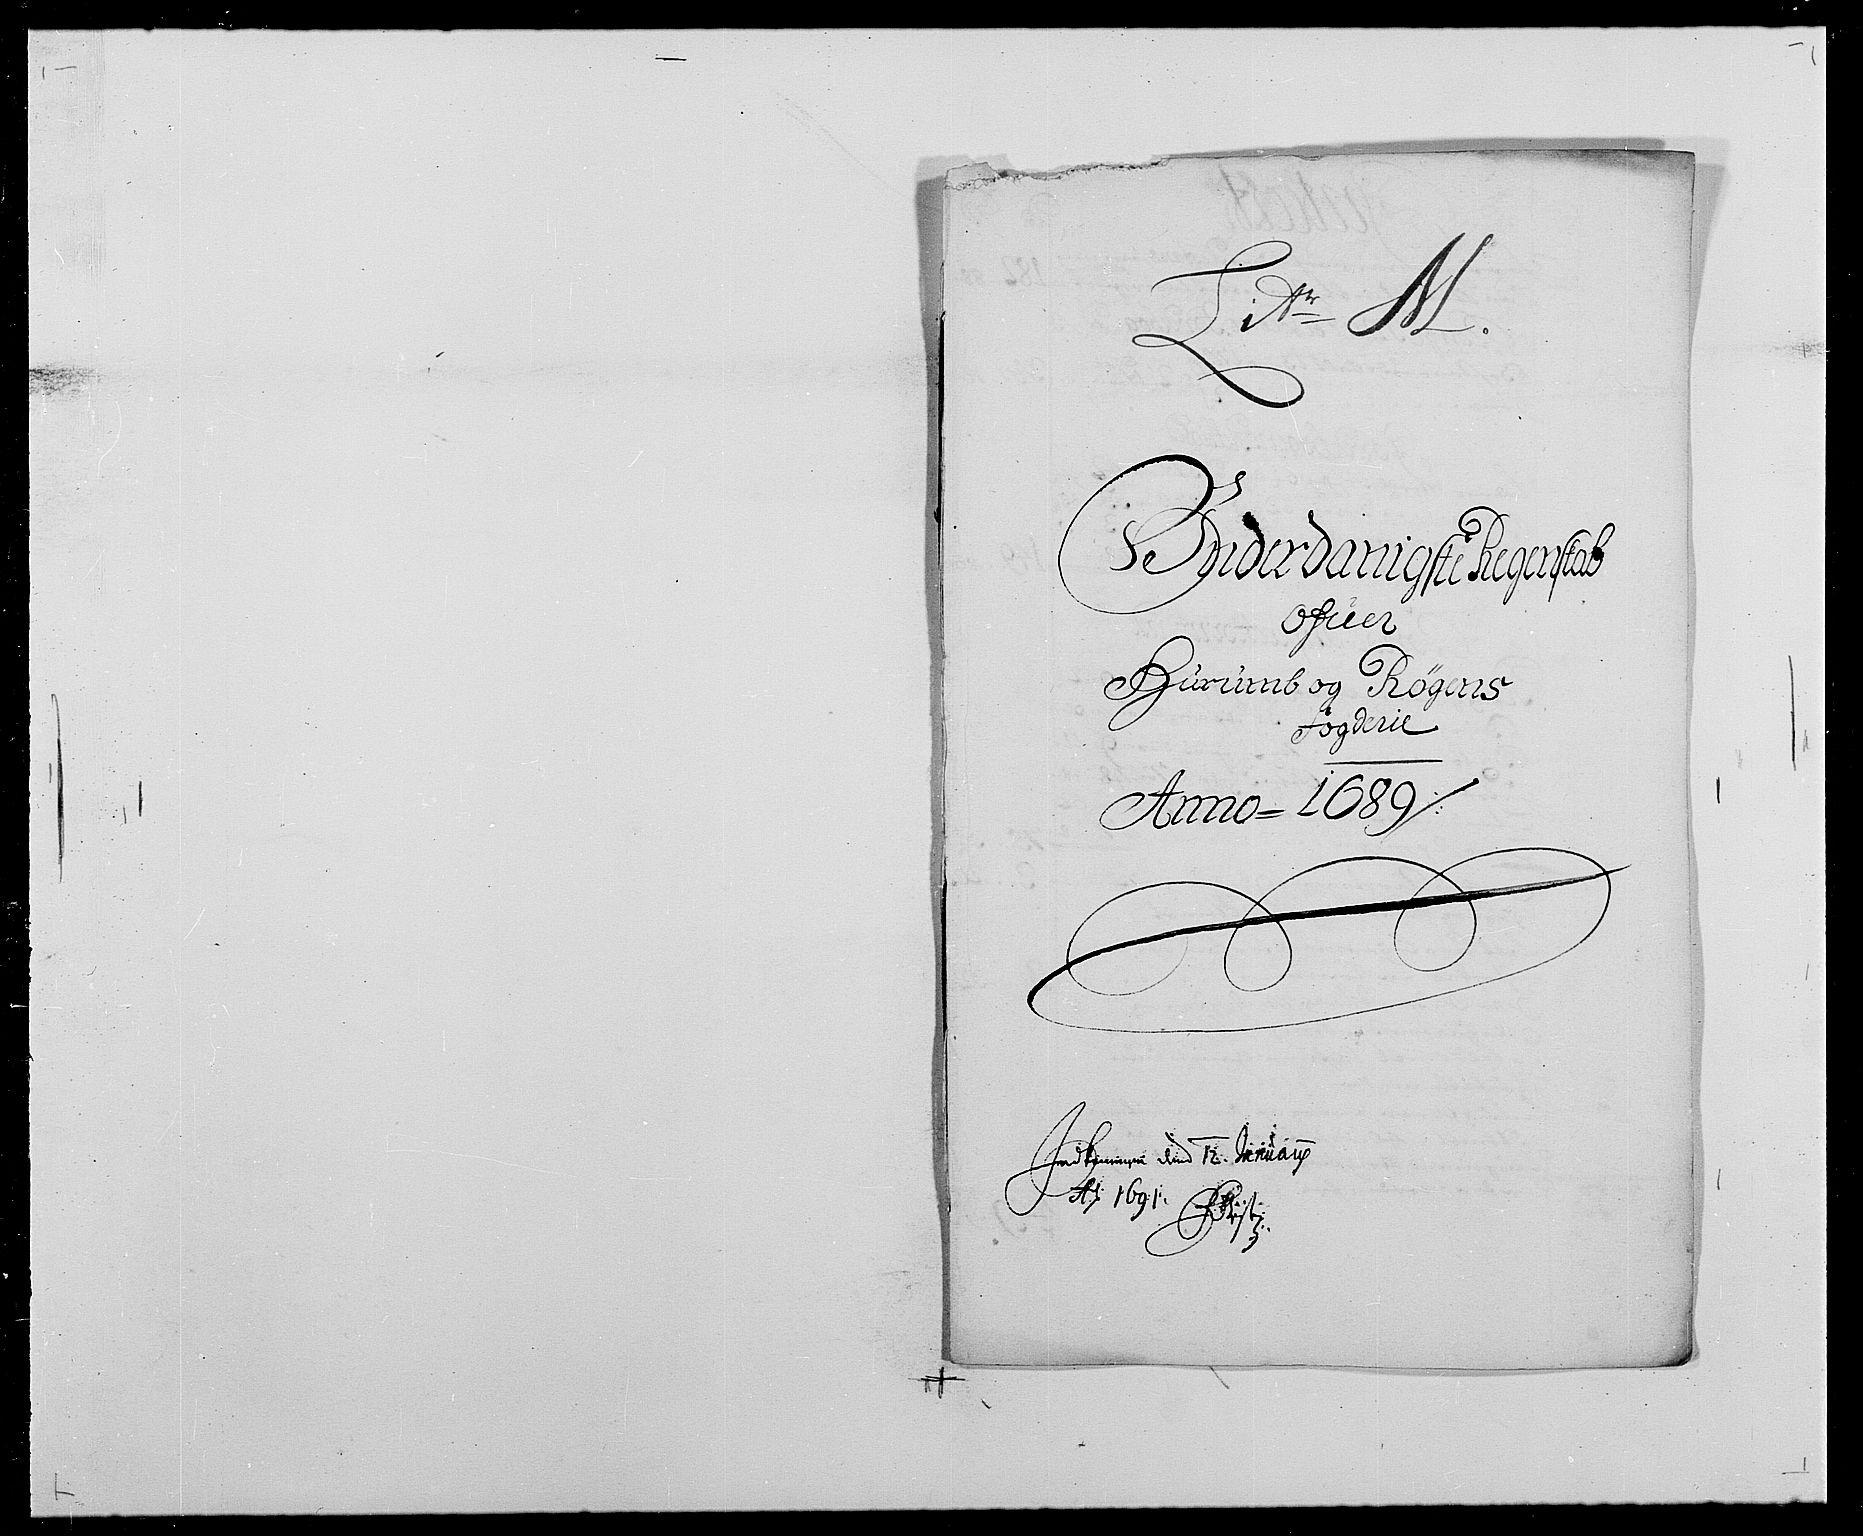 RA, Rentekammeret inntil 1814, Reviderte regnskaper, Fogderegnskap, R29/L1693: Fogderegnskap Hurum og Røyken, 1688-1693, s. 85